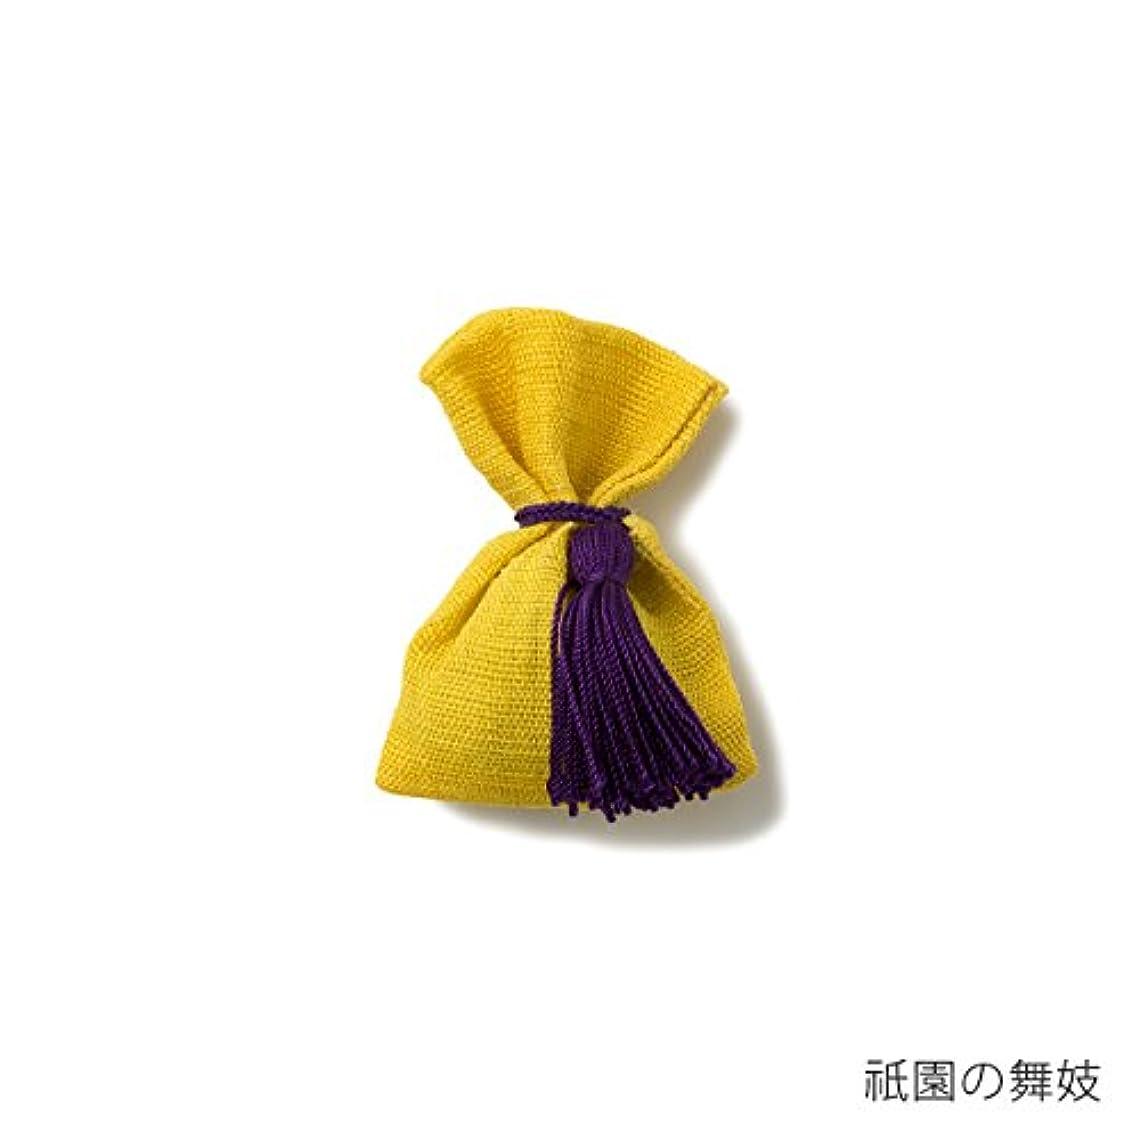 デザート服蛇行【薫玉堂】 京の香り 香袋 祇園の舞妓